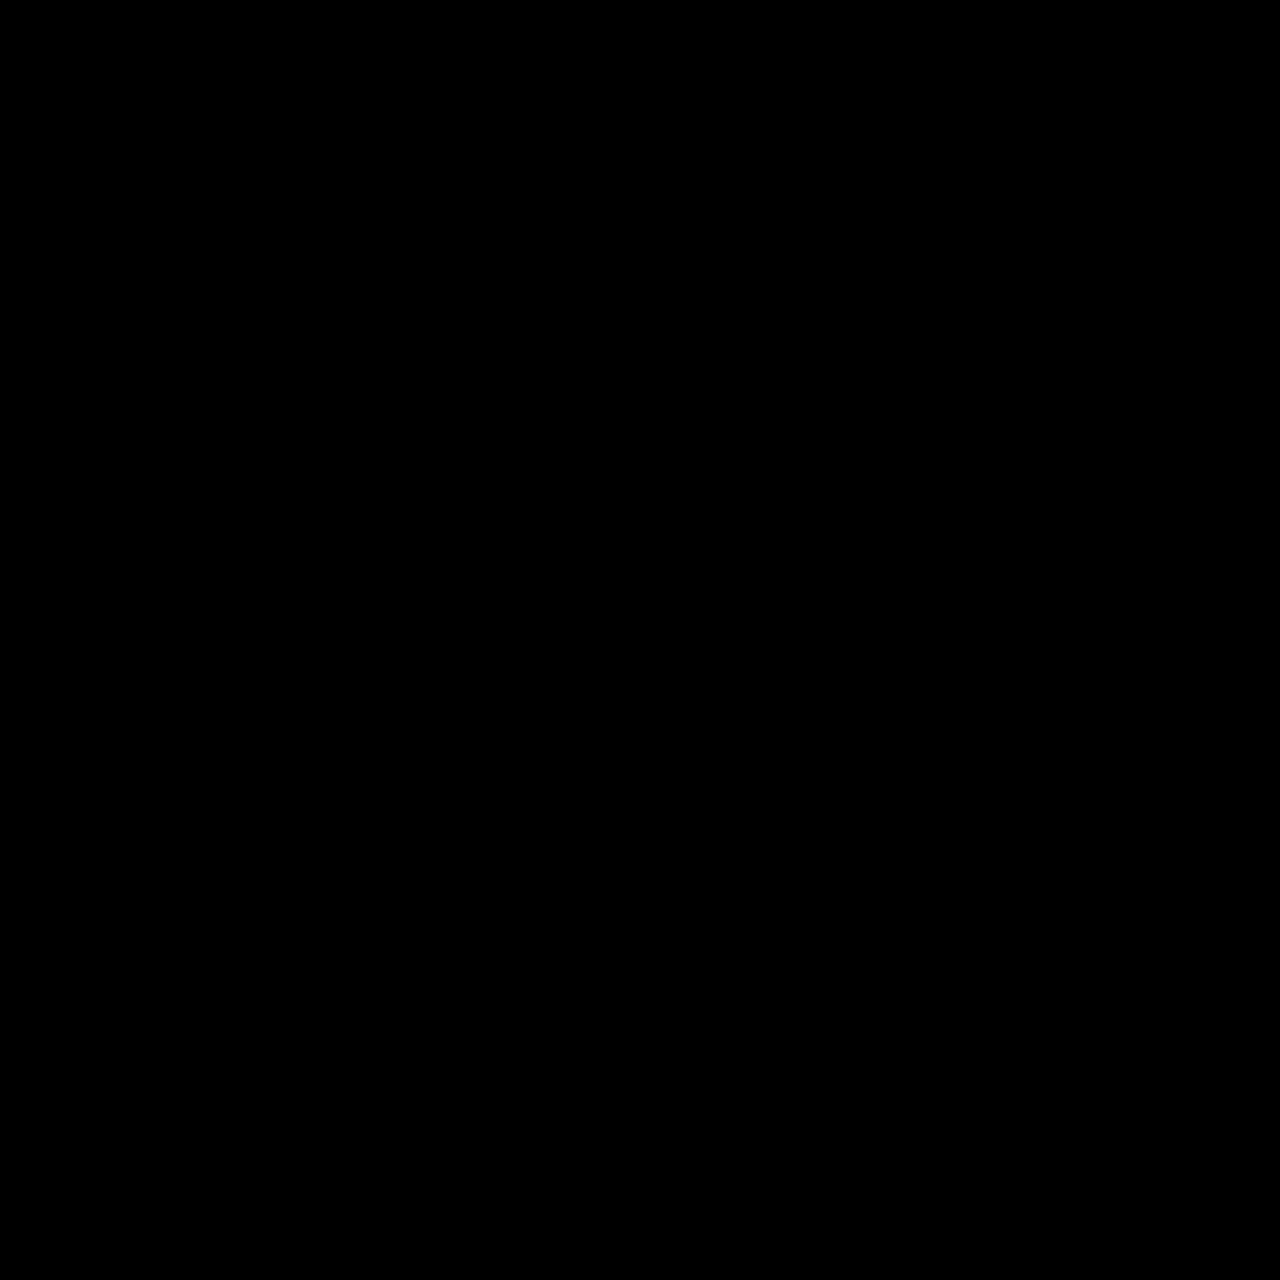 Картинки медалей в виде знаков зодиака типа википедии